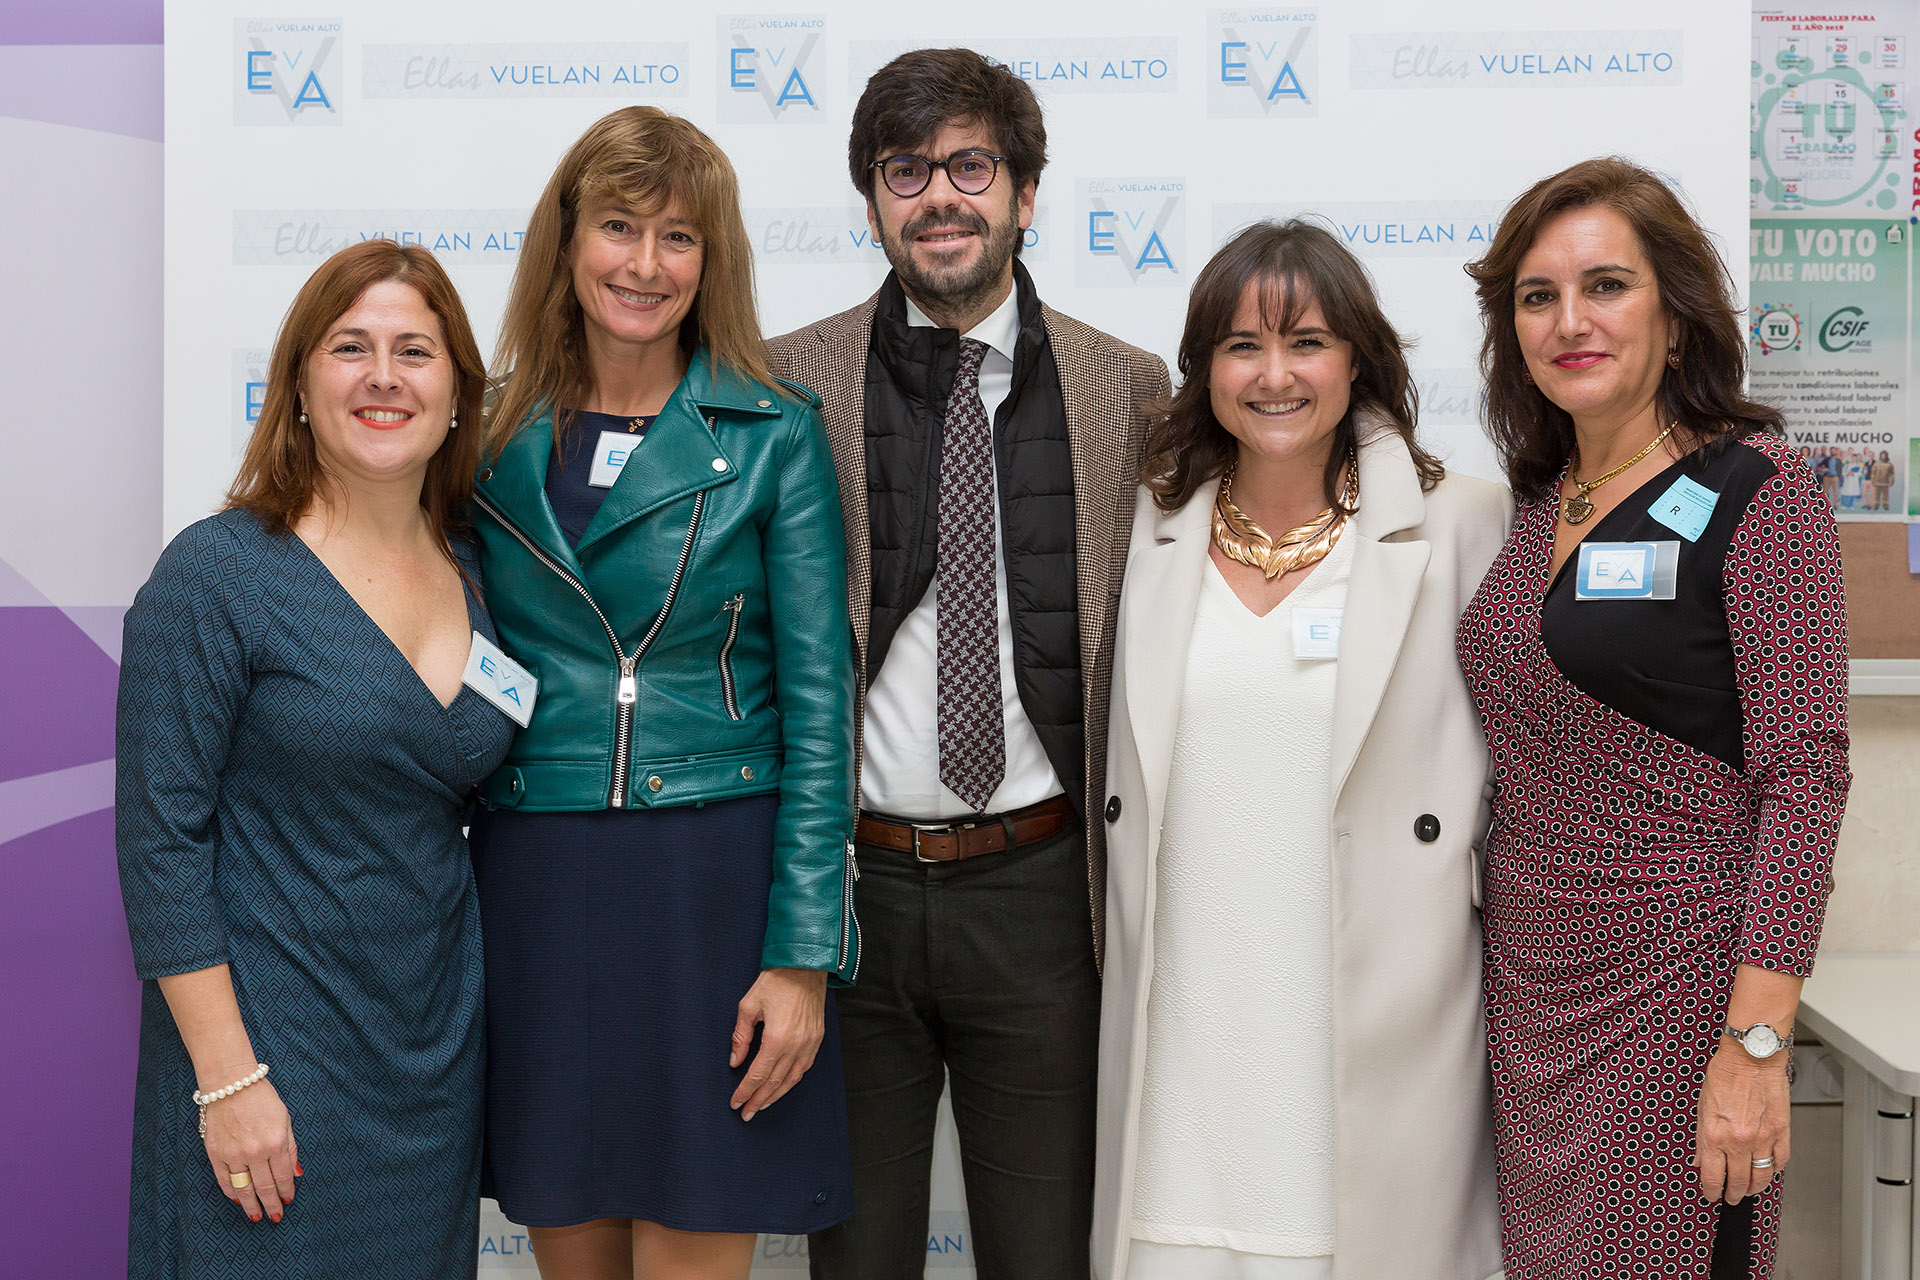 Parte del equipo fundador de EVA con uno de nuestros invitados